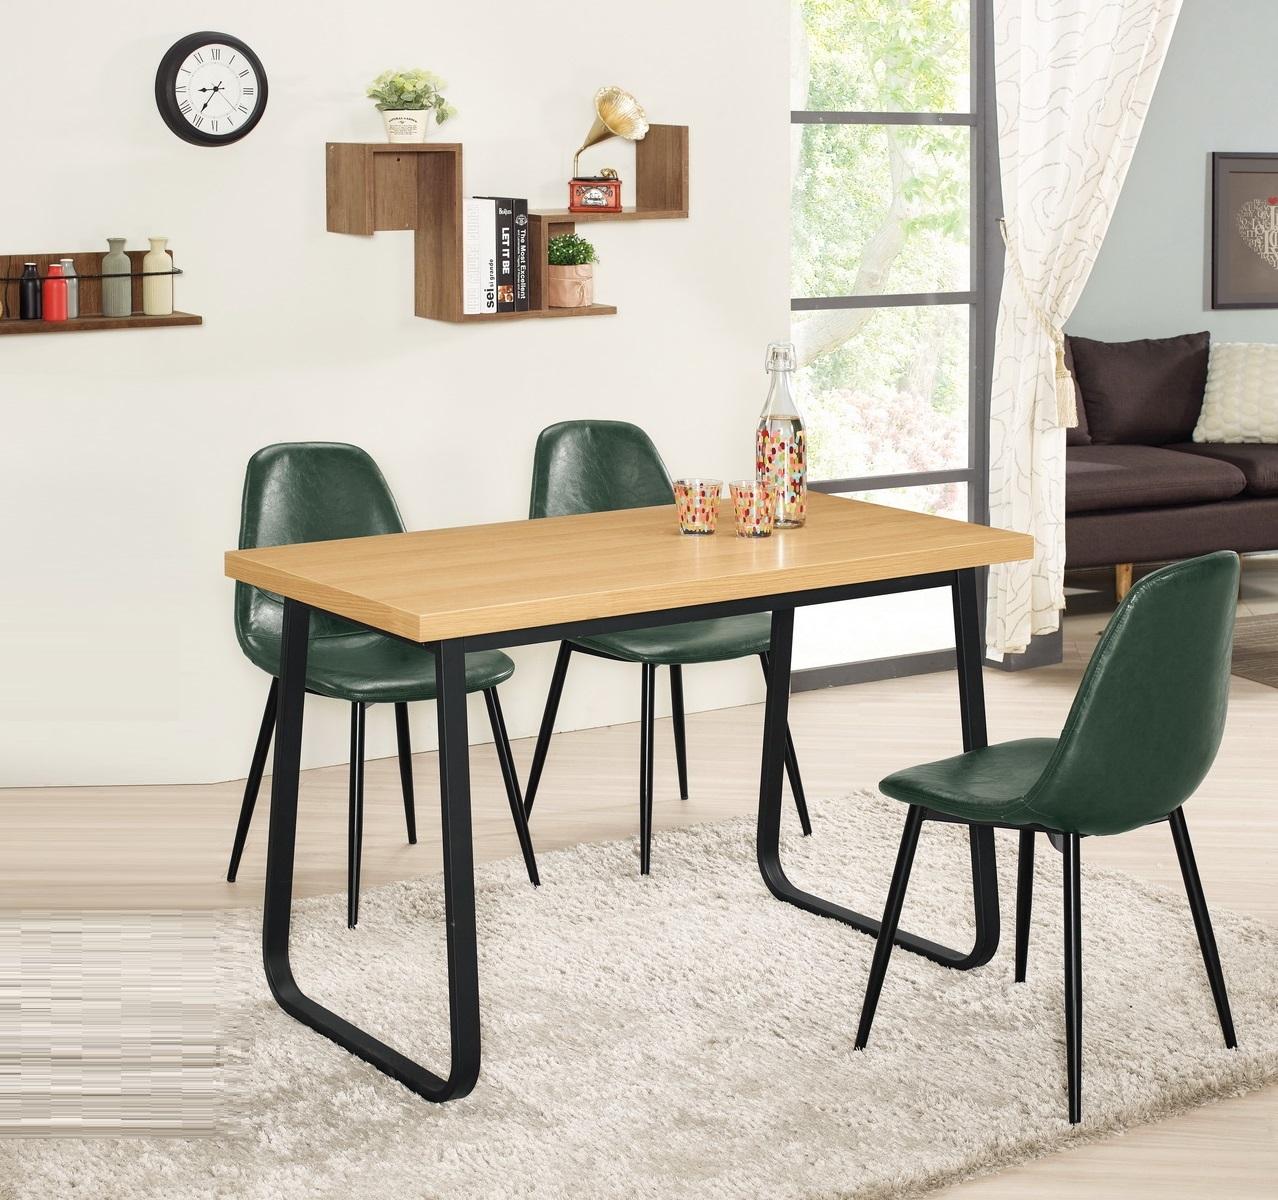 483-1 奈傑爾4尺餐桌+533-8.jpg